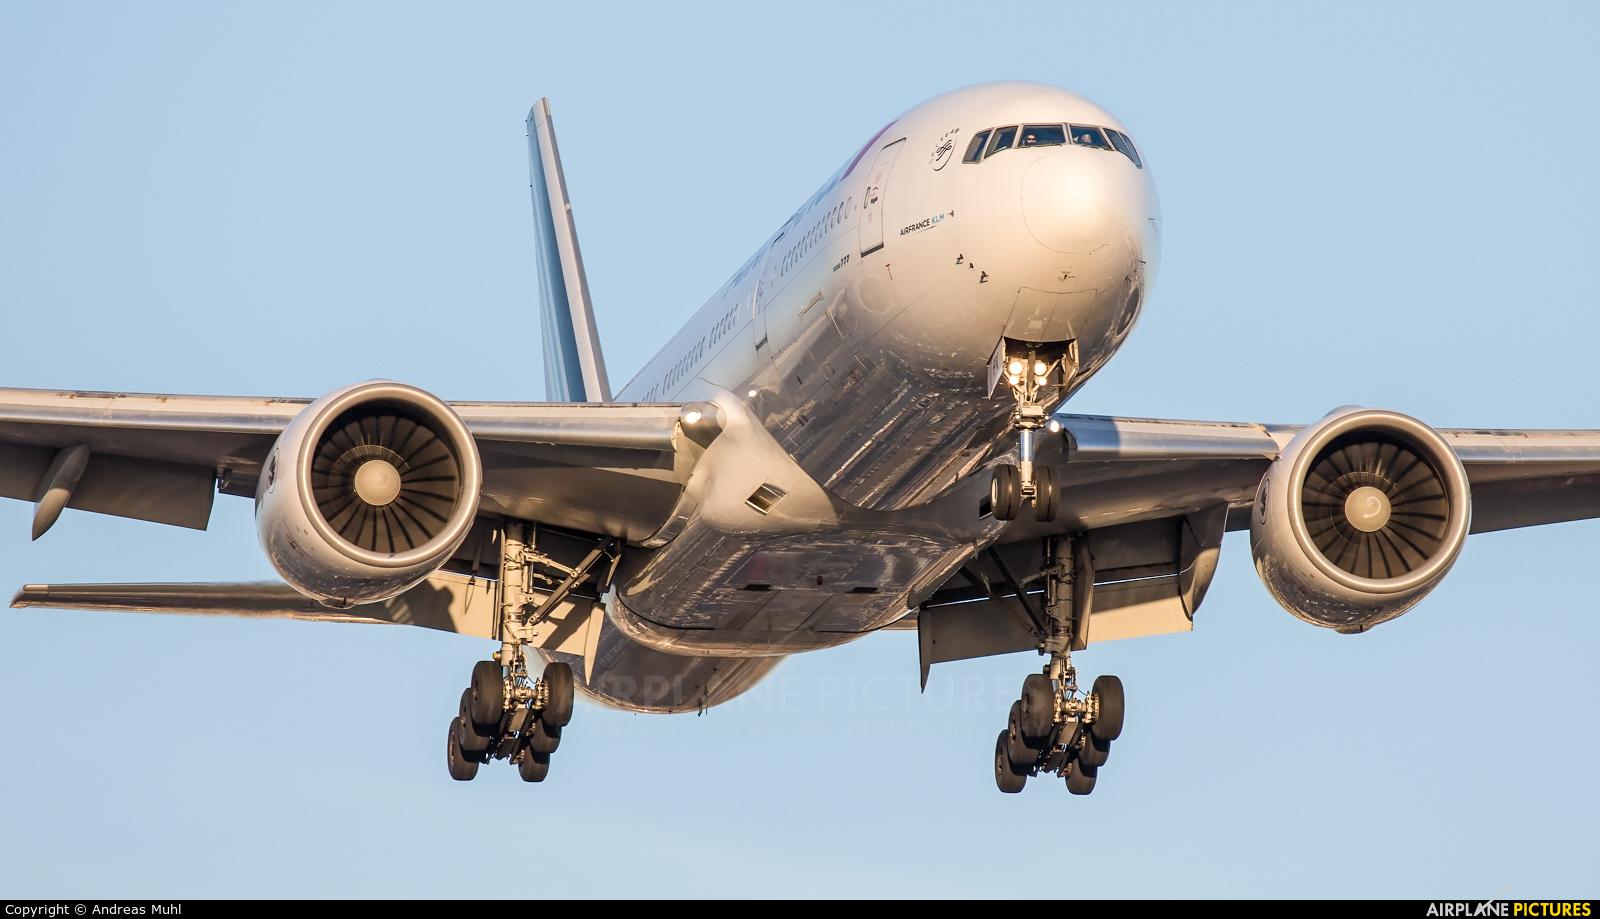 Air France F-GSPV aircraft at Los Angeles Intl